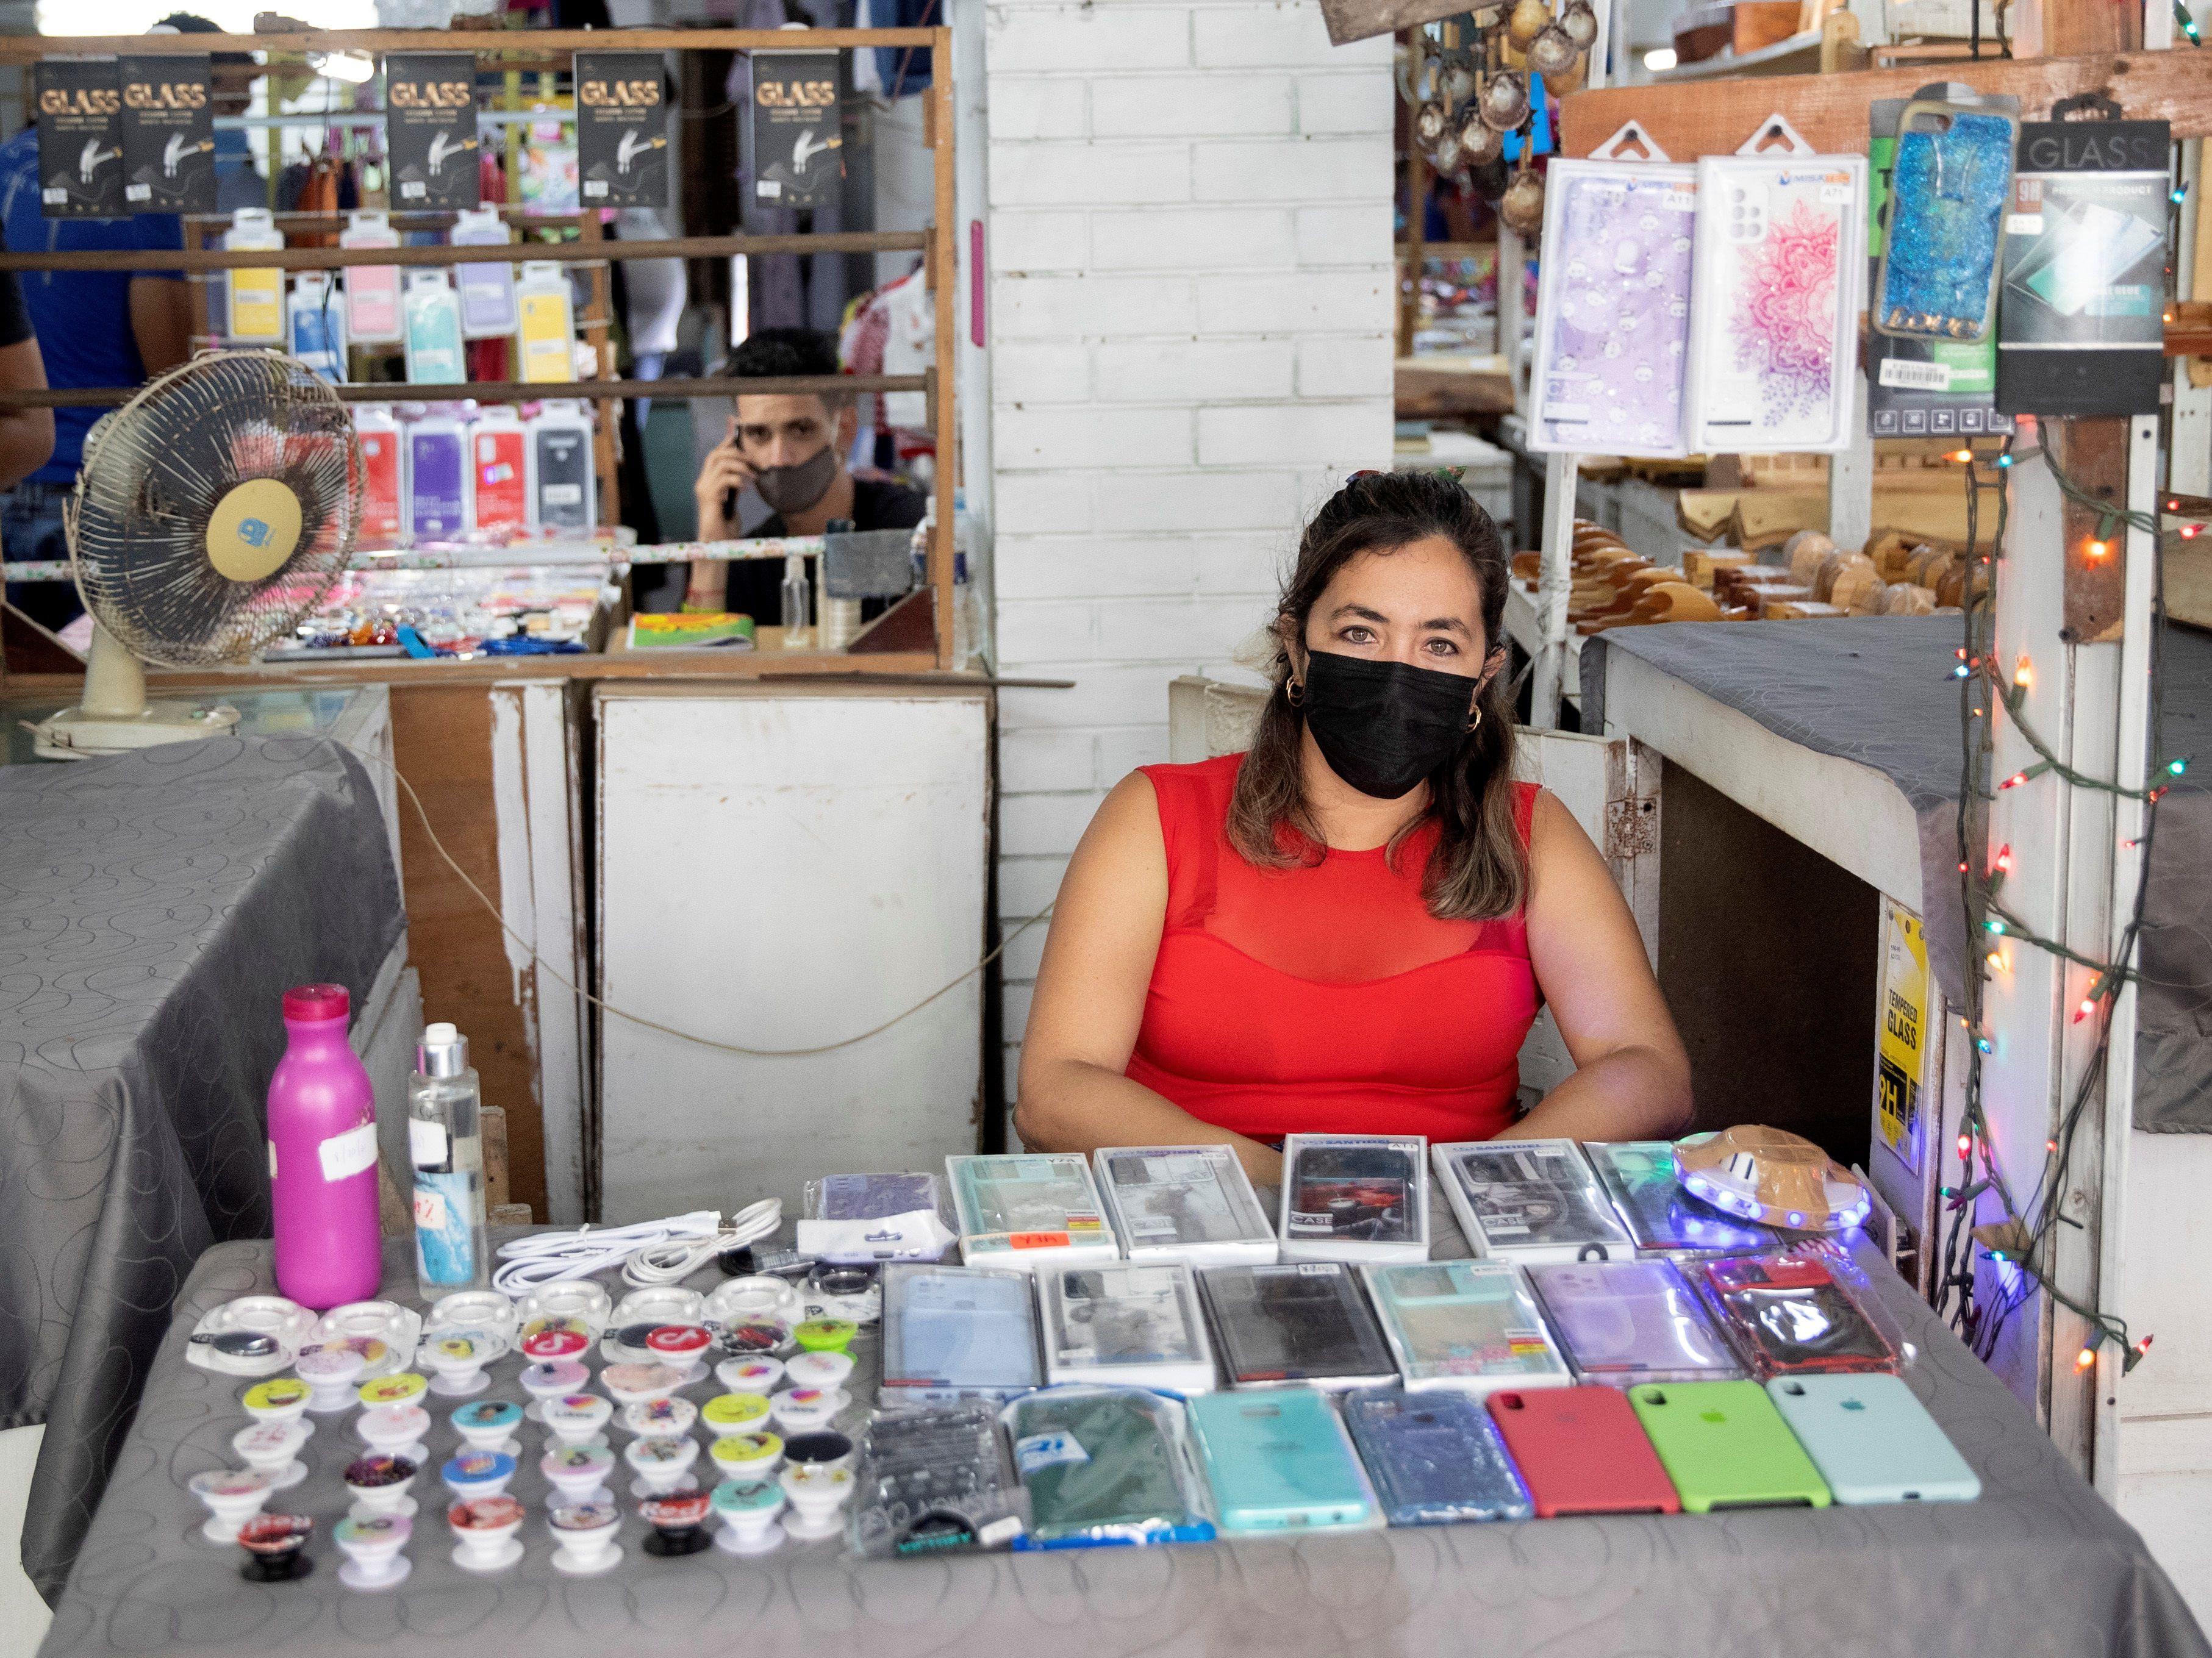 Fotografía de archivo tomada el pasado 8 de octubre en la que se registró a una emprendedora cubana en una feria de trabajadores por cuenta propia, donde exhibe a la venta fundas y otros accesorios importados para celulares, en La Habana (Cuba). EFE/Yander Zamora